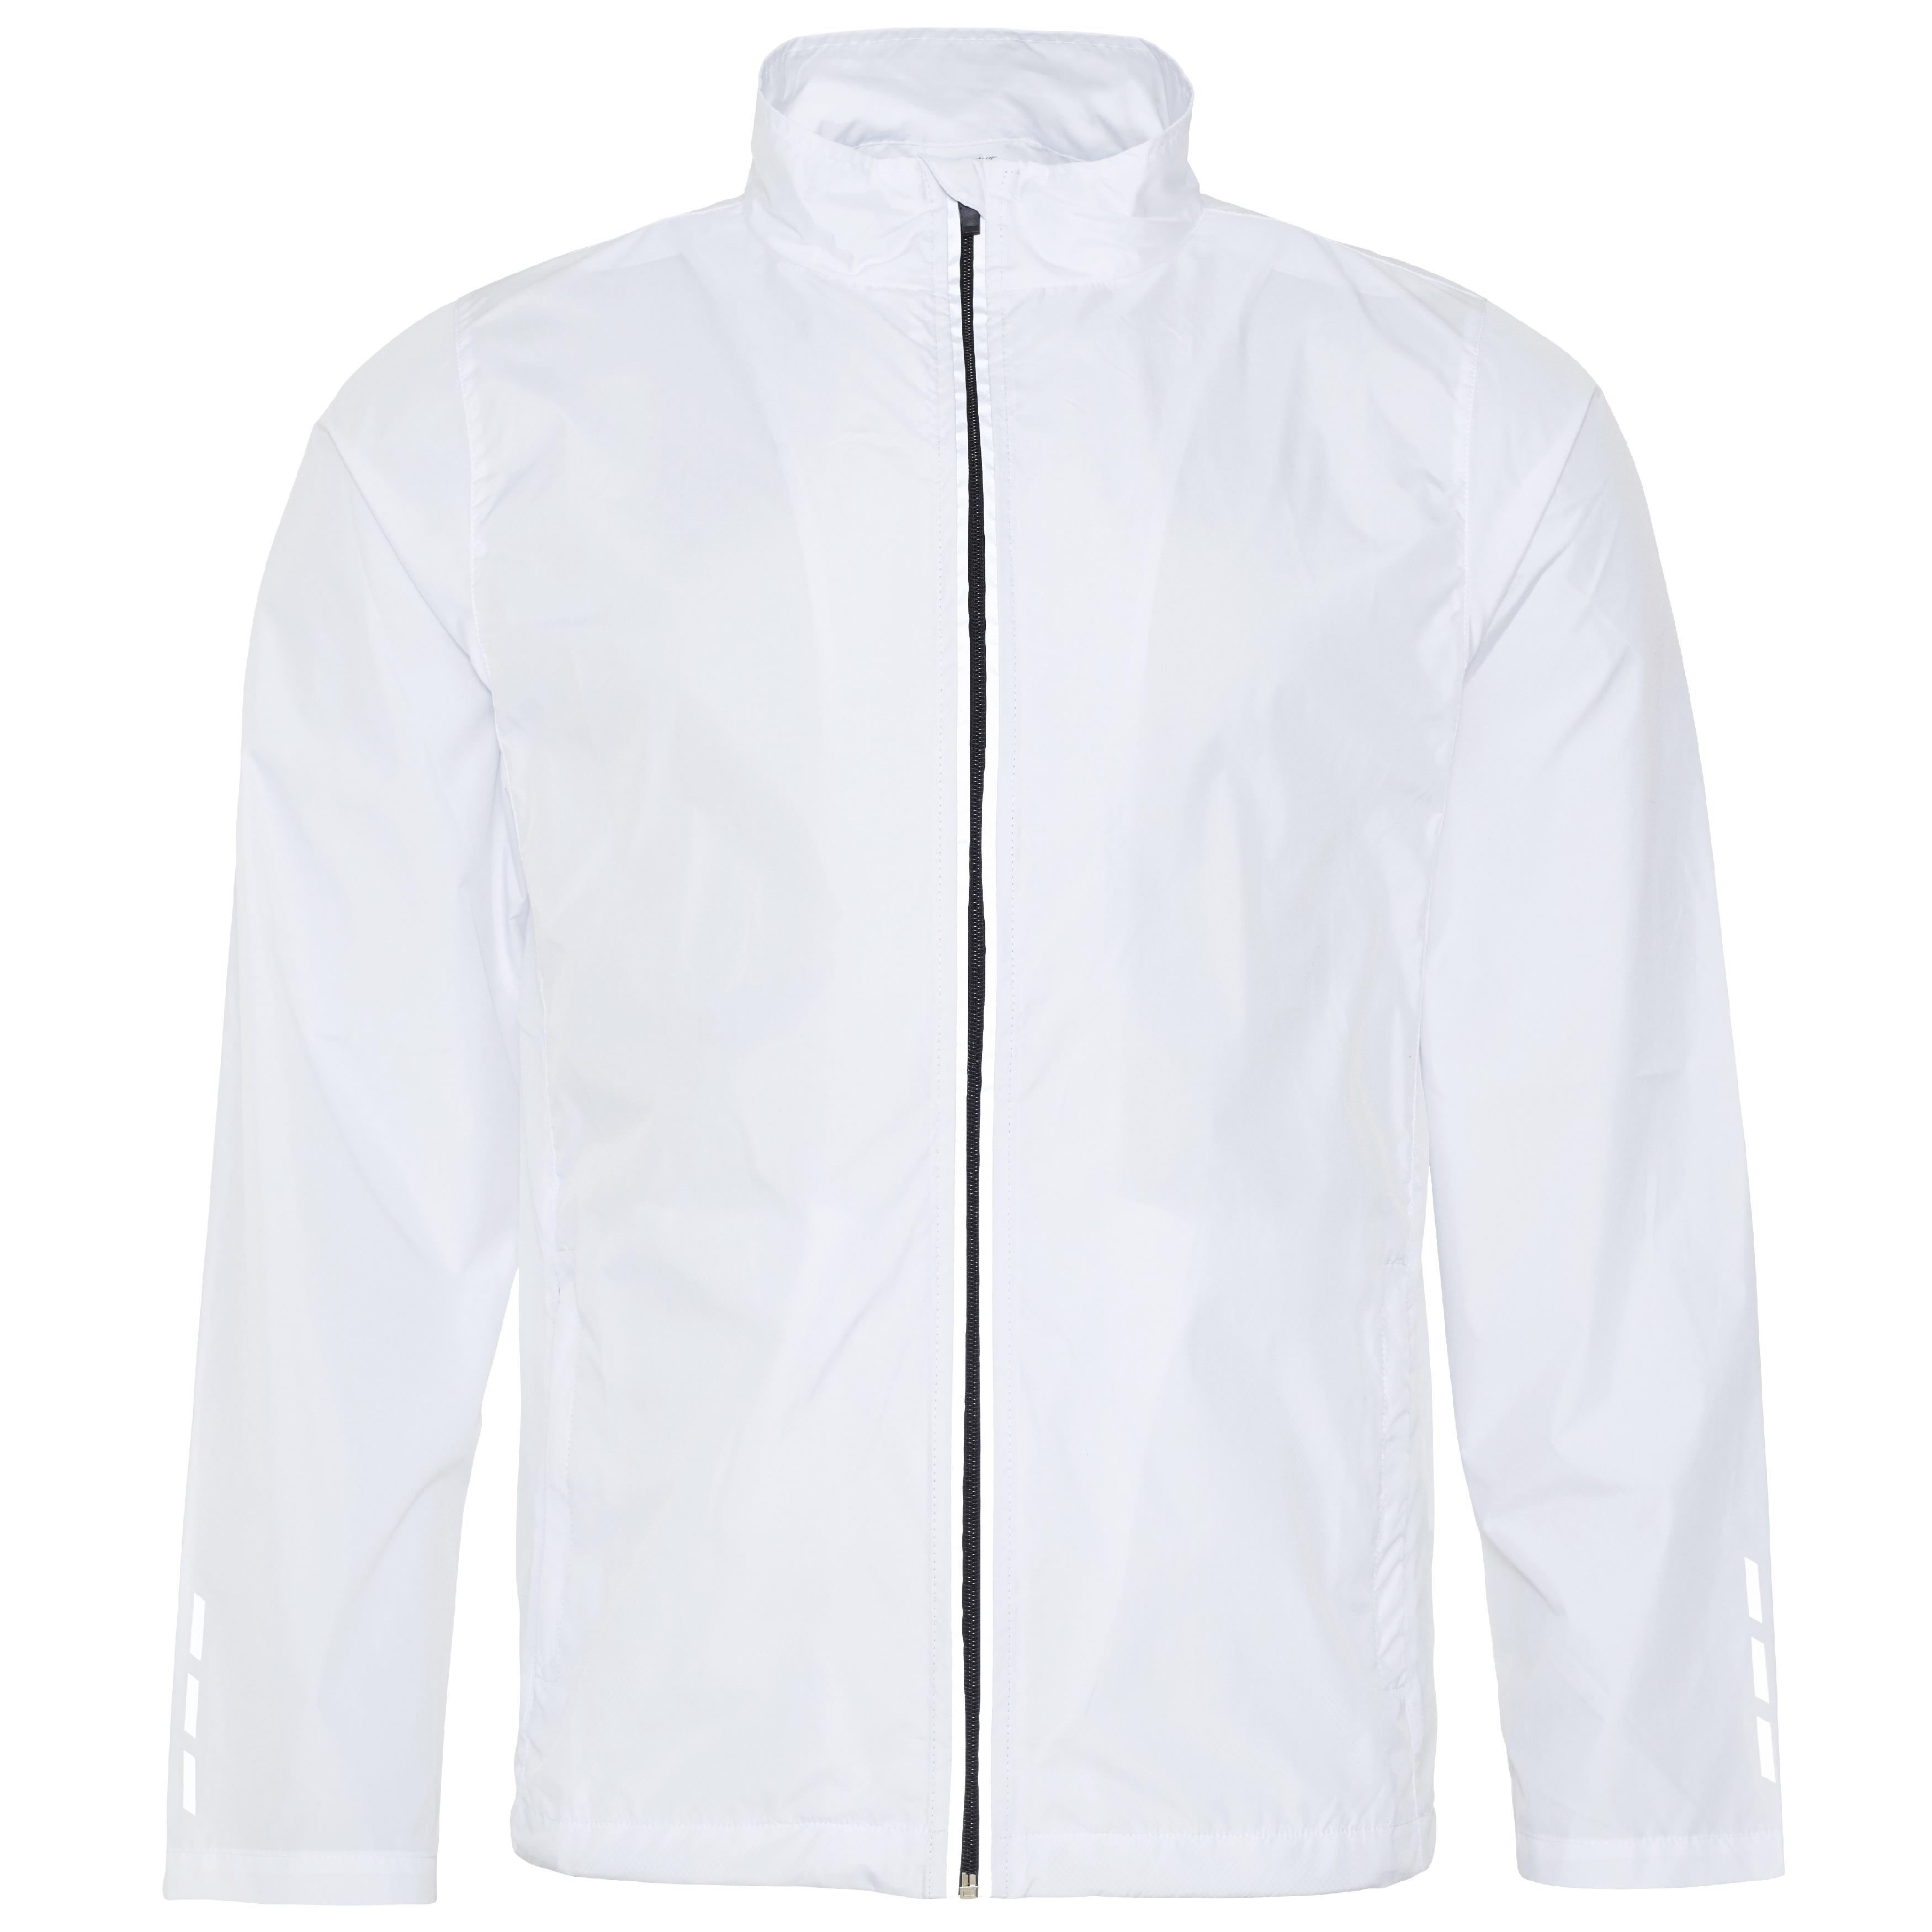 Juoksijan takki Cool, valkoinen